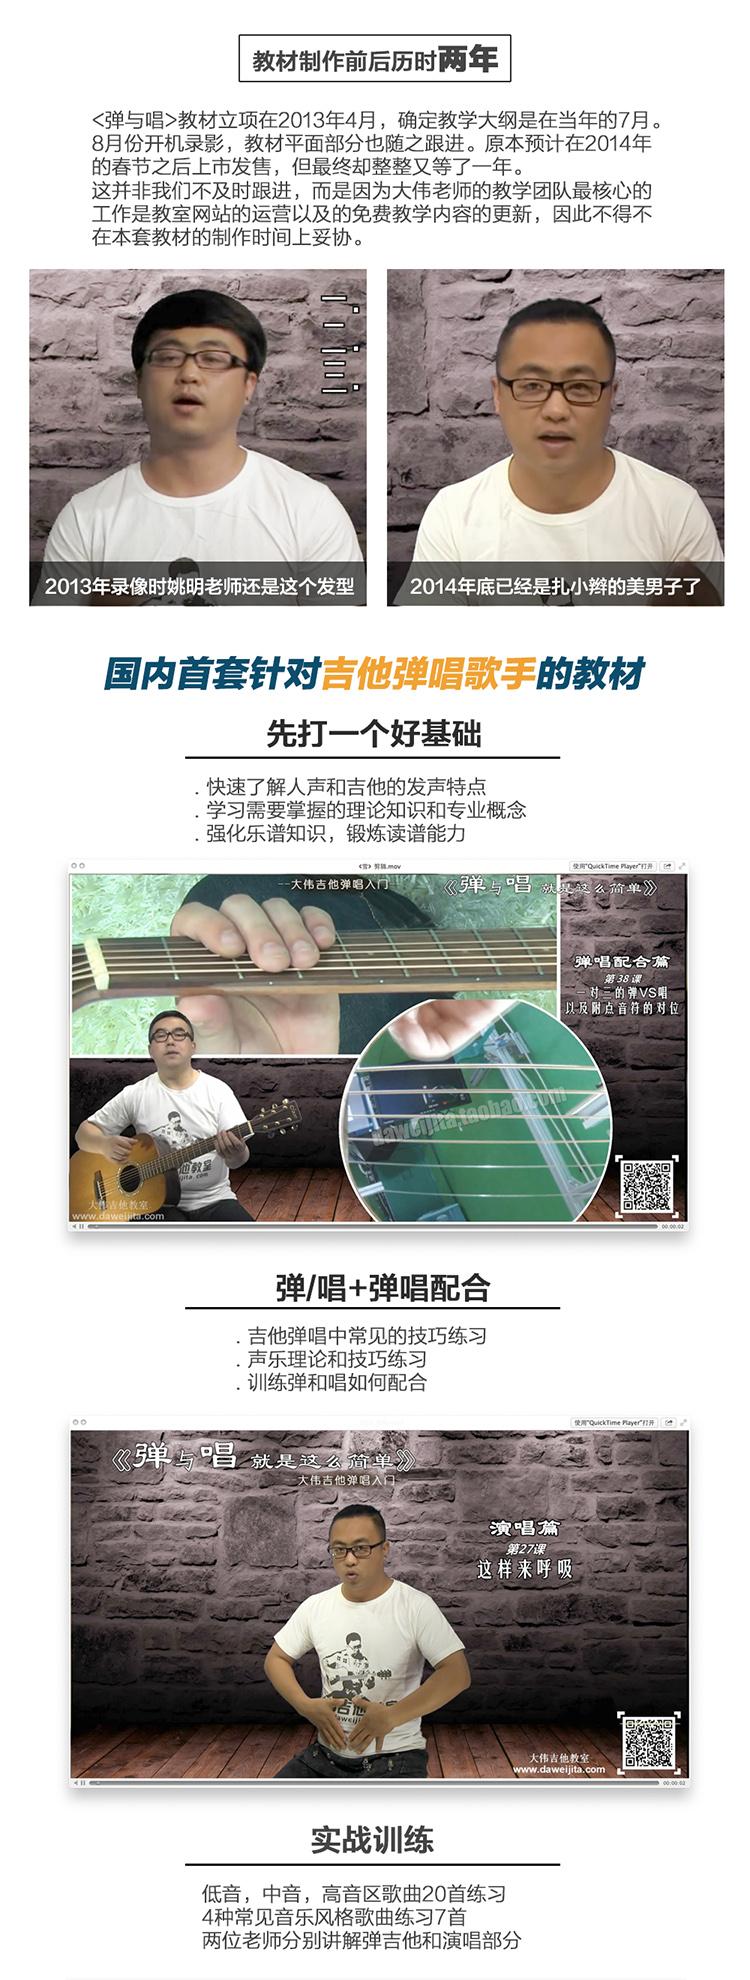 视频教学 大伟纸质教材 正文  是国内第一套专门针对吉他弹唱配合练习